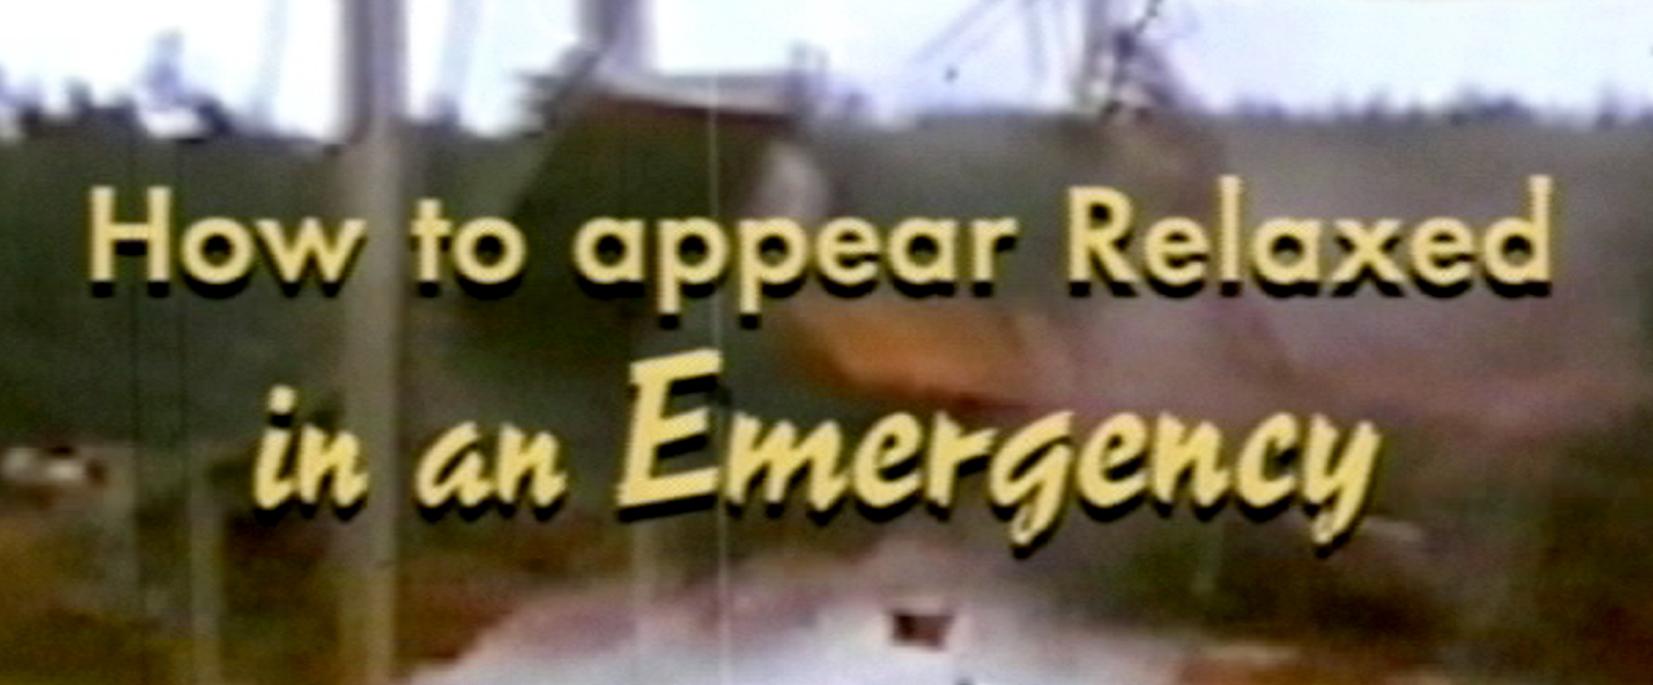 Hallensteins - Emergency